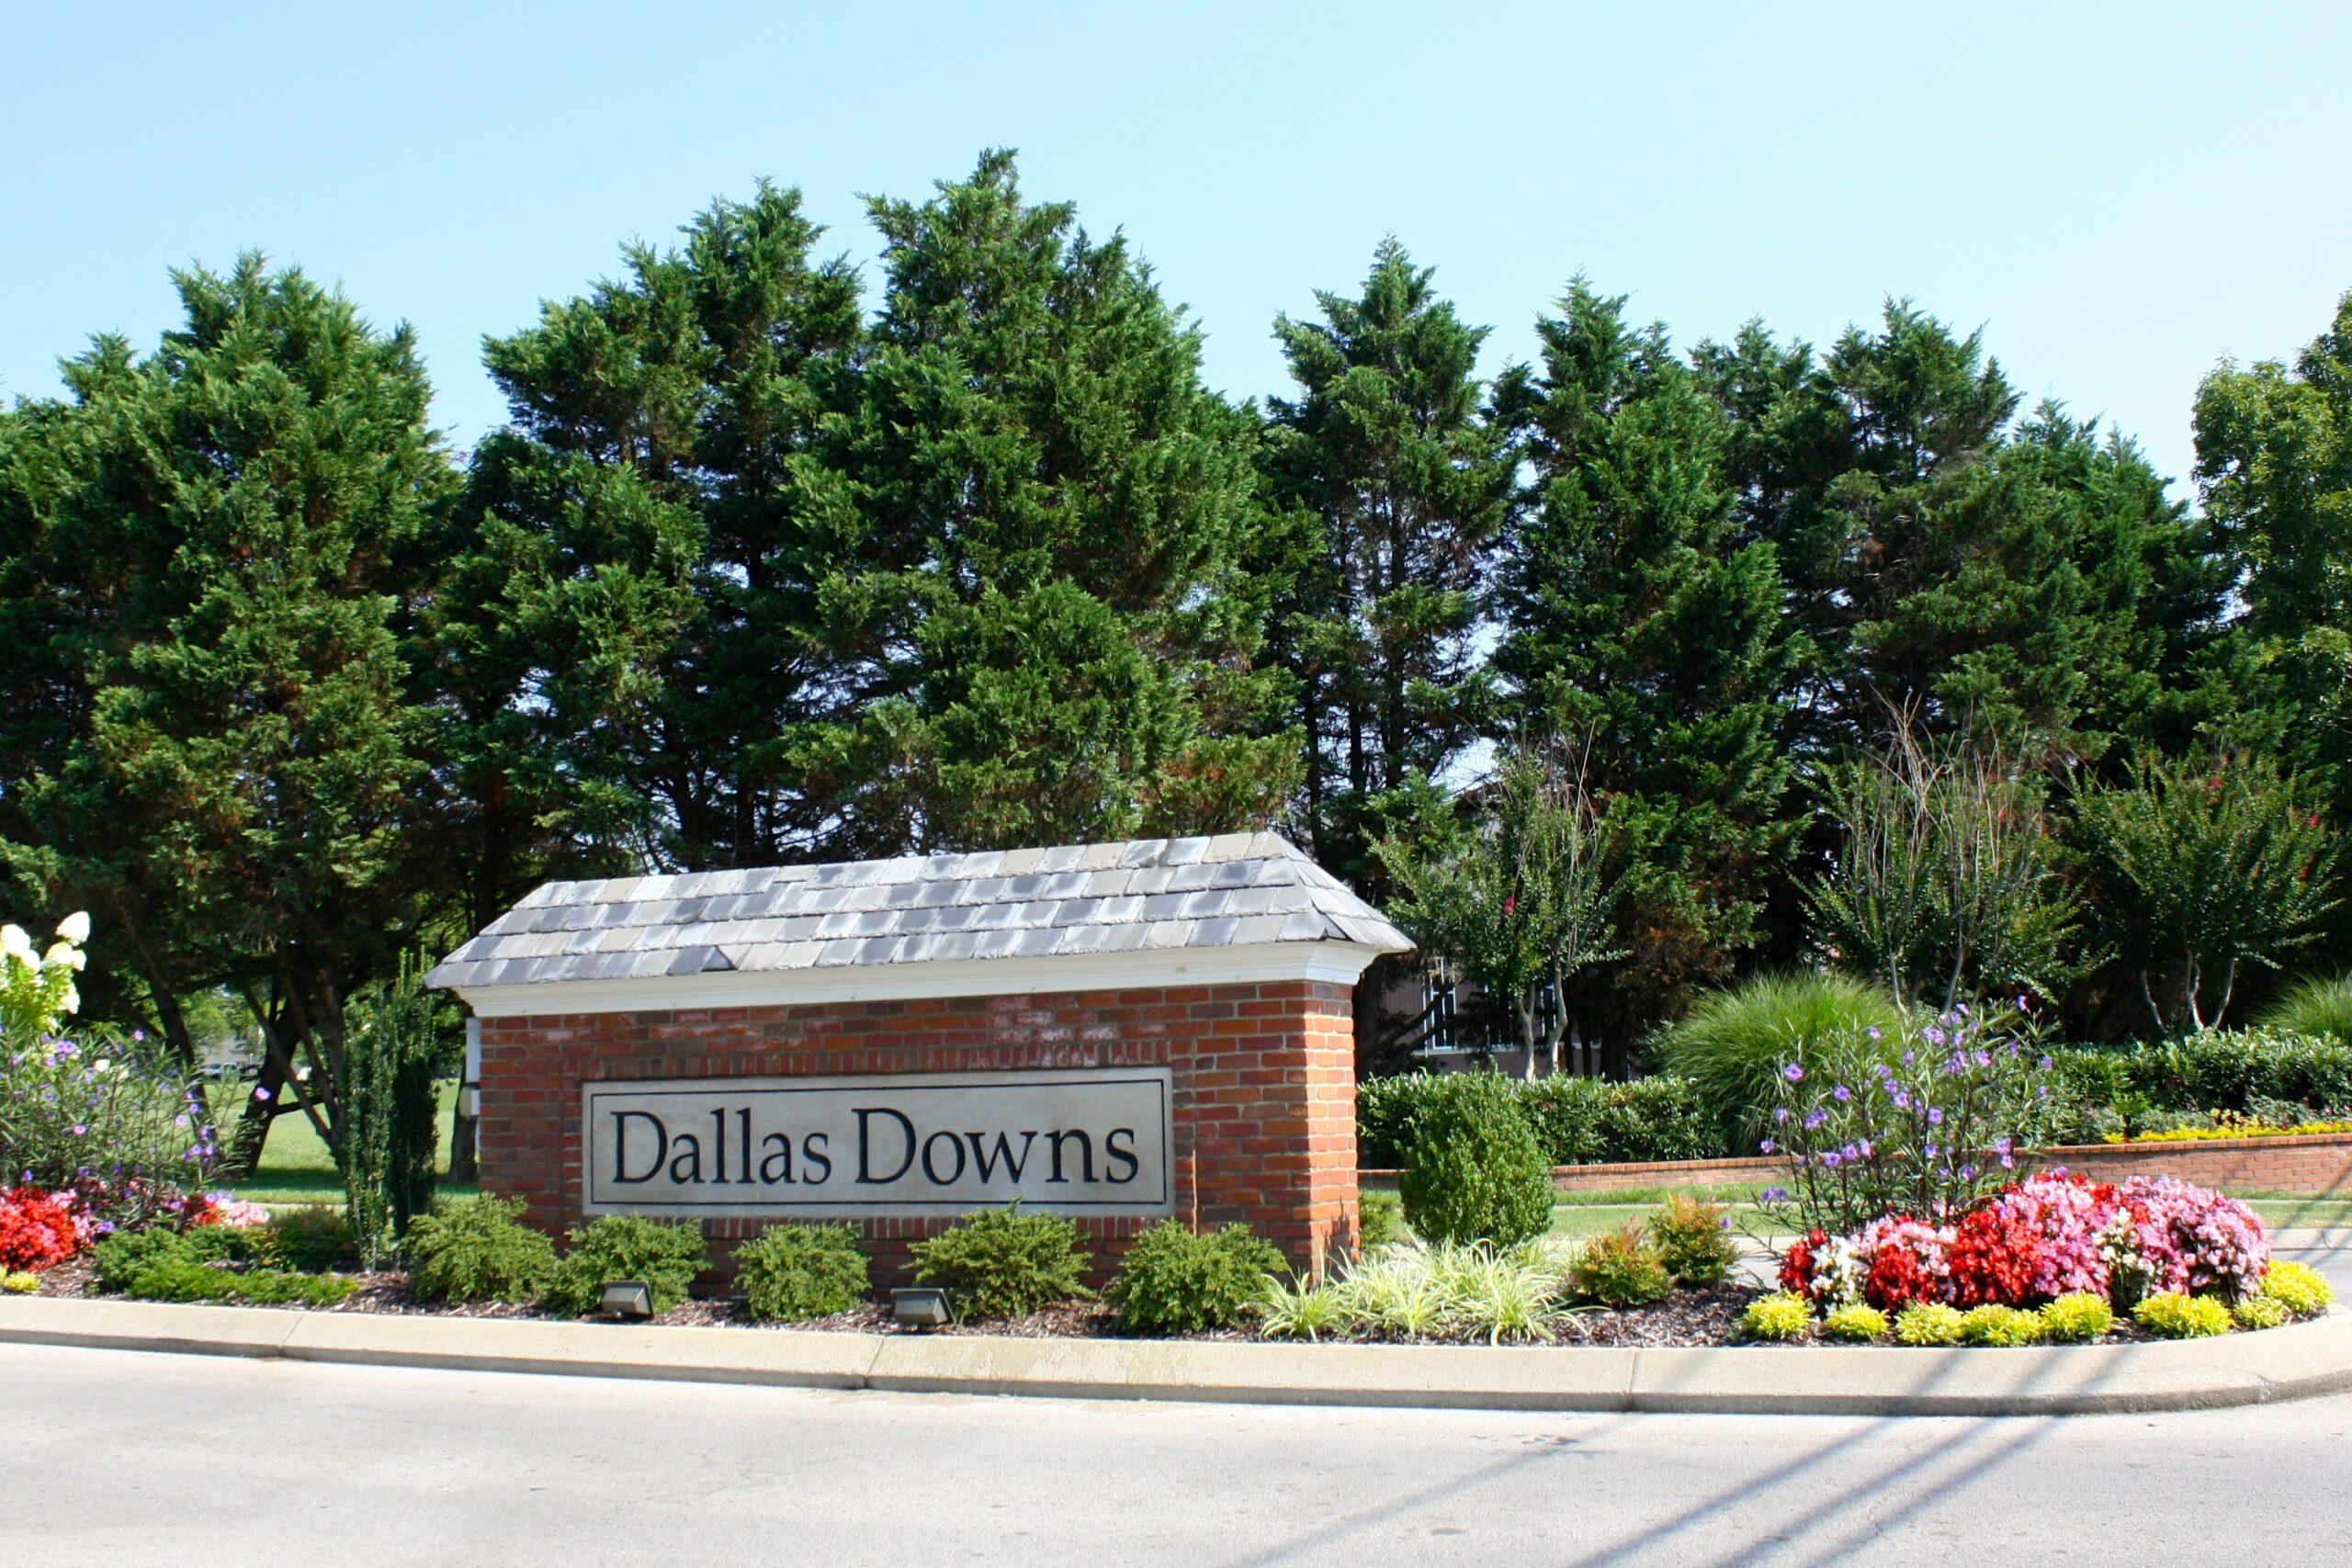 Dallas Downs Franklin TN 37064